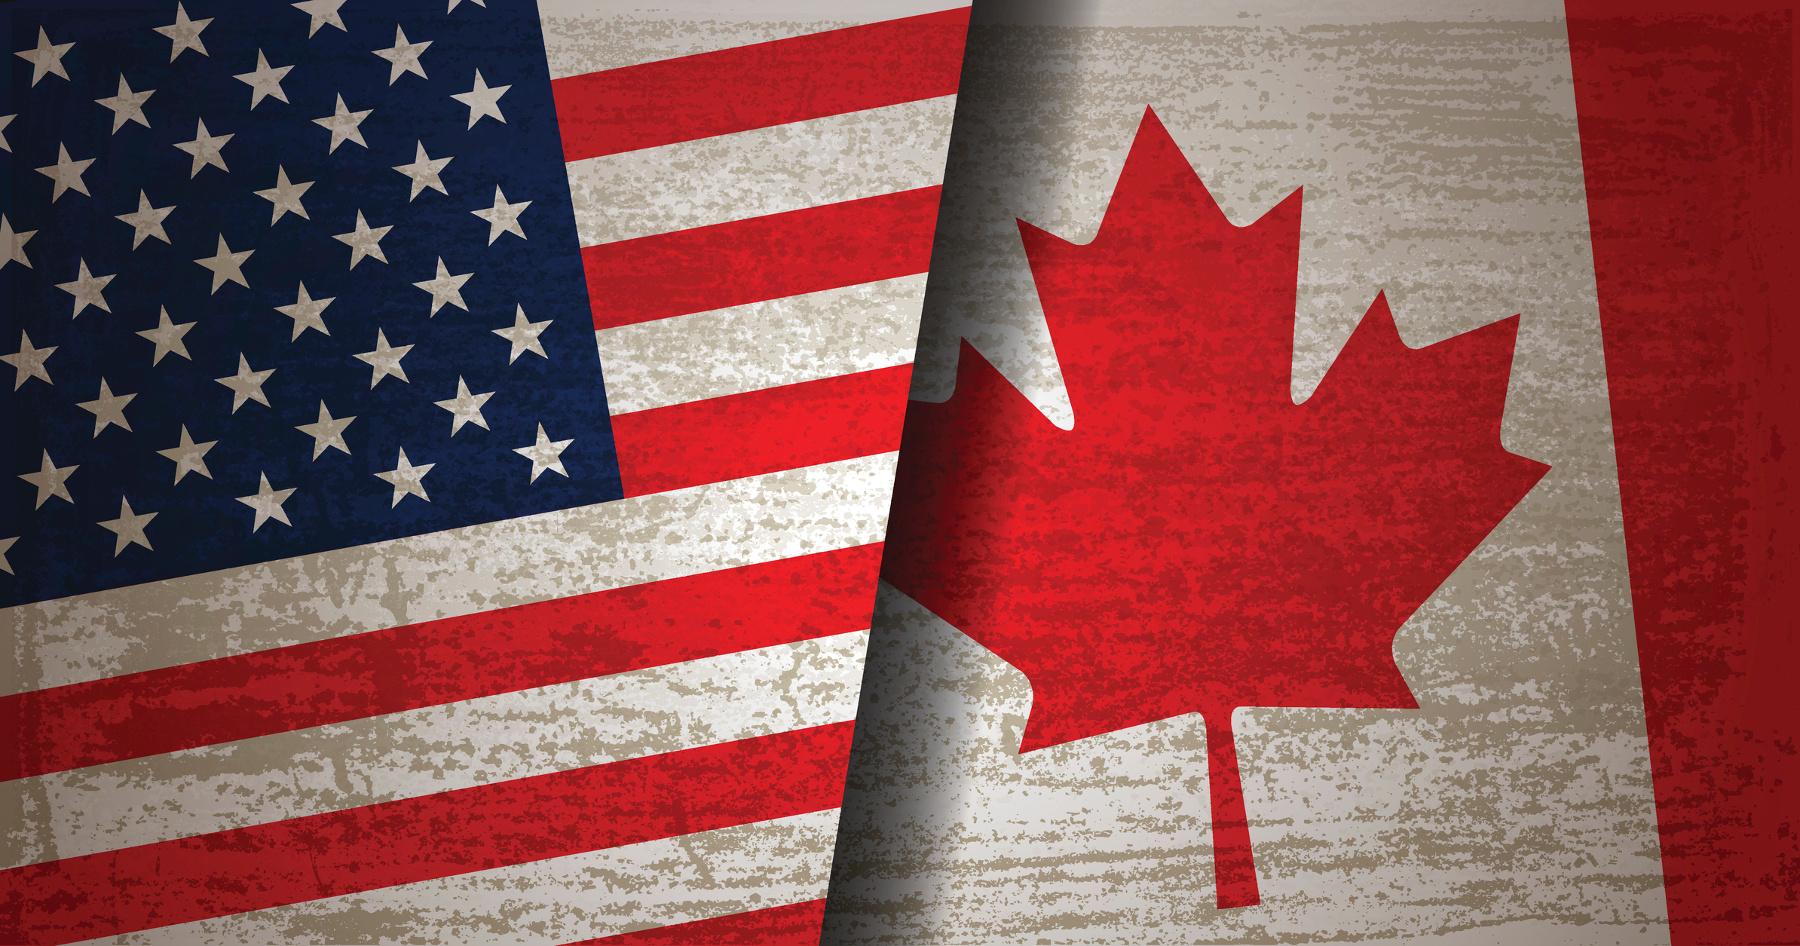 Canada Tiếp Tục Gia Hạn Đóng Cửa Biên Giới Với Mỹ